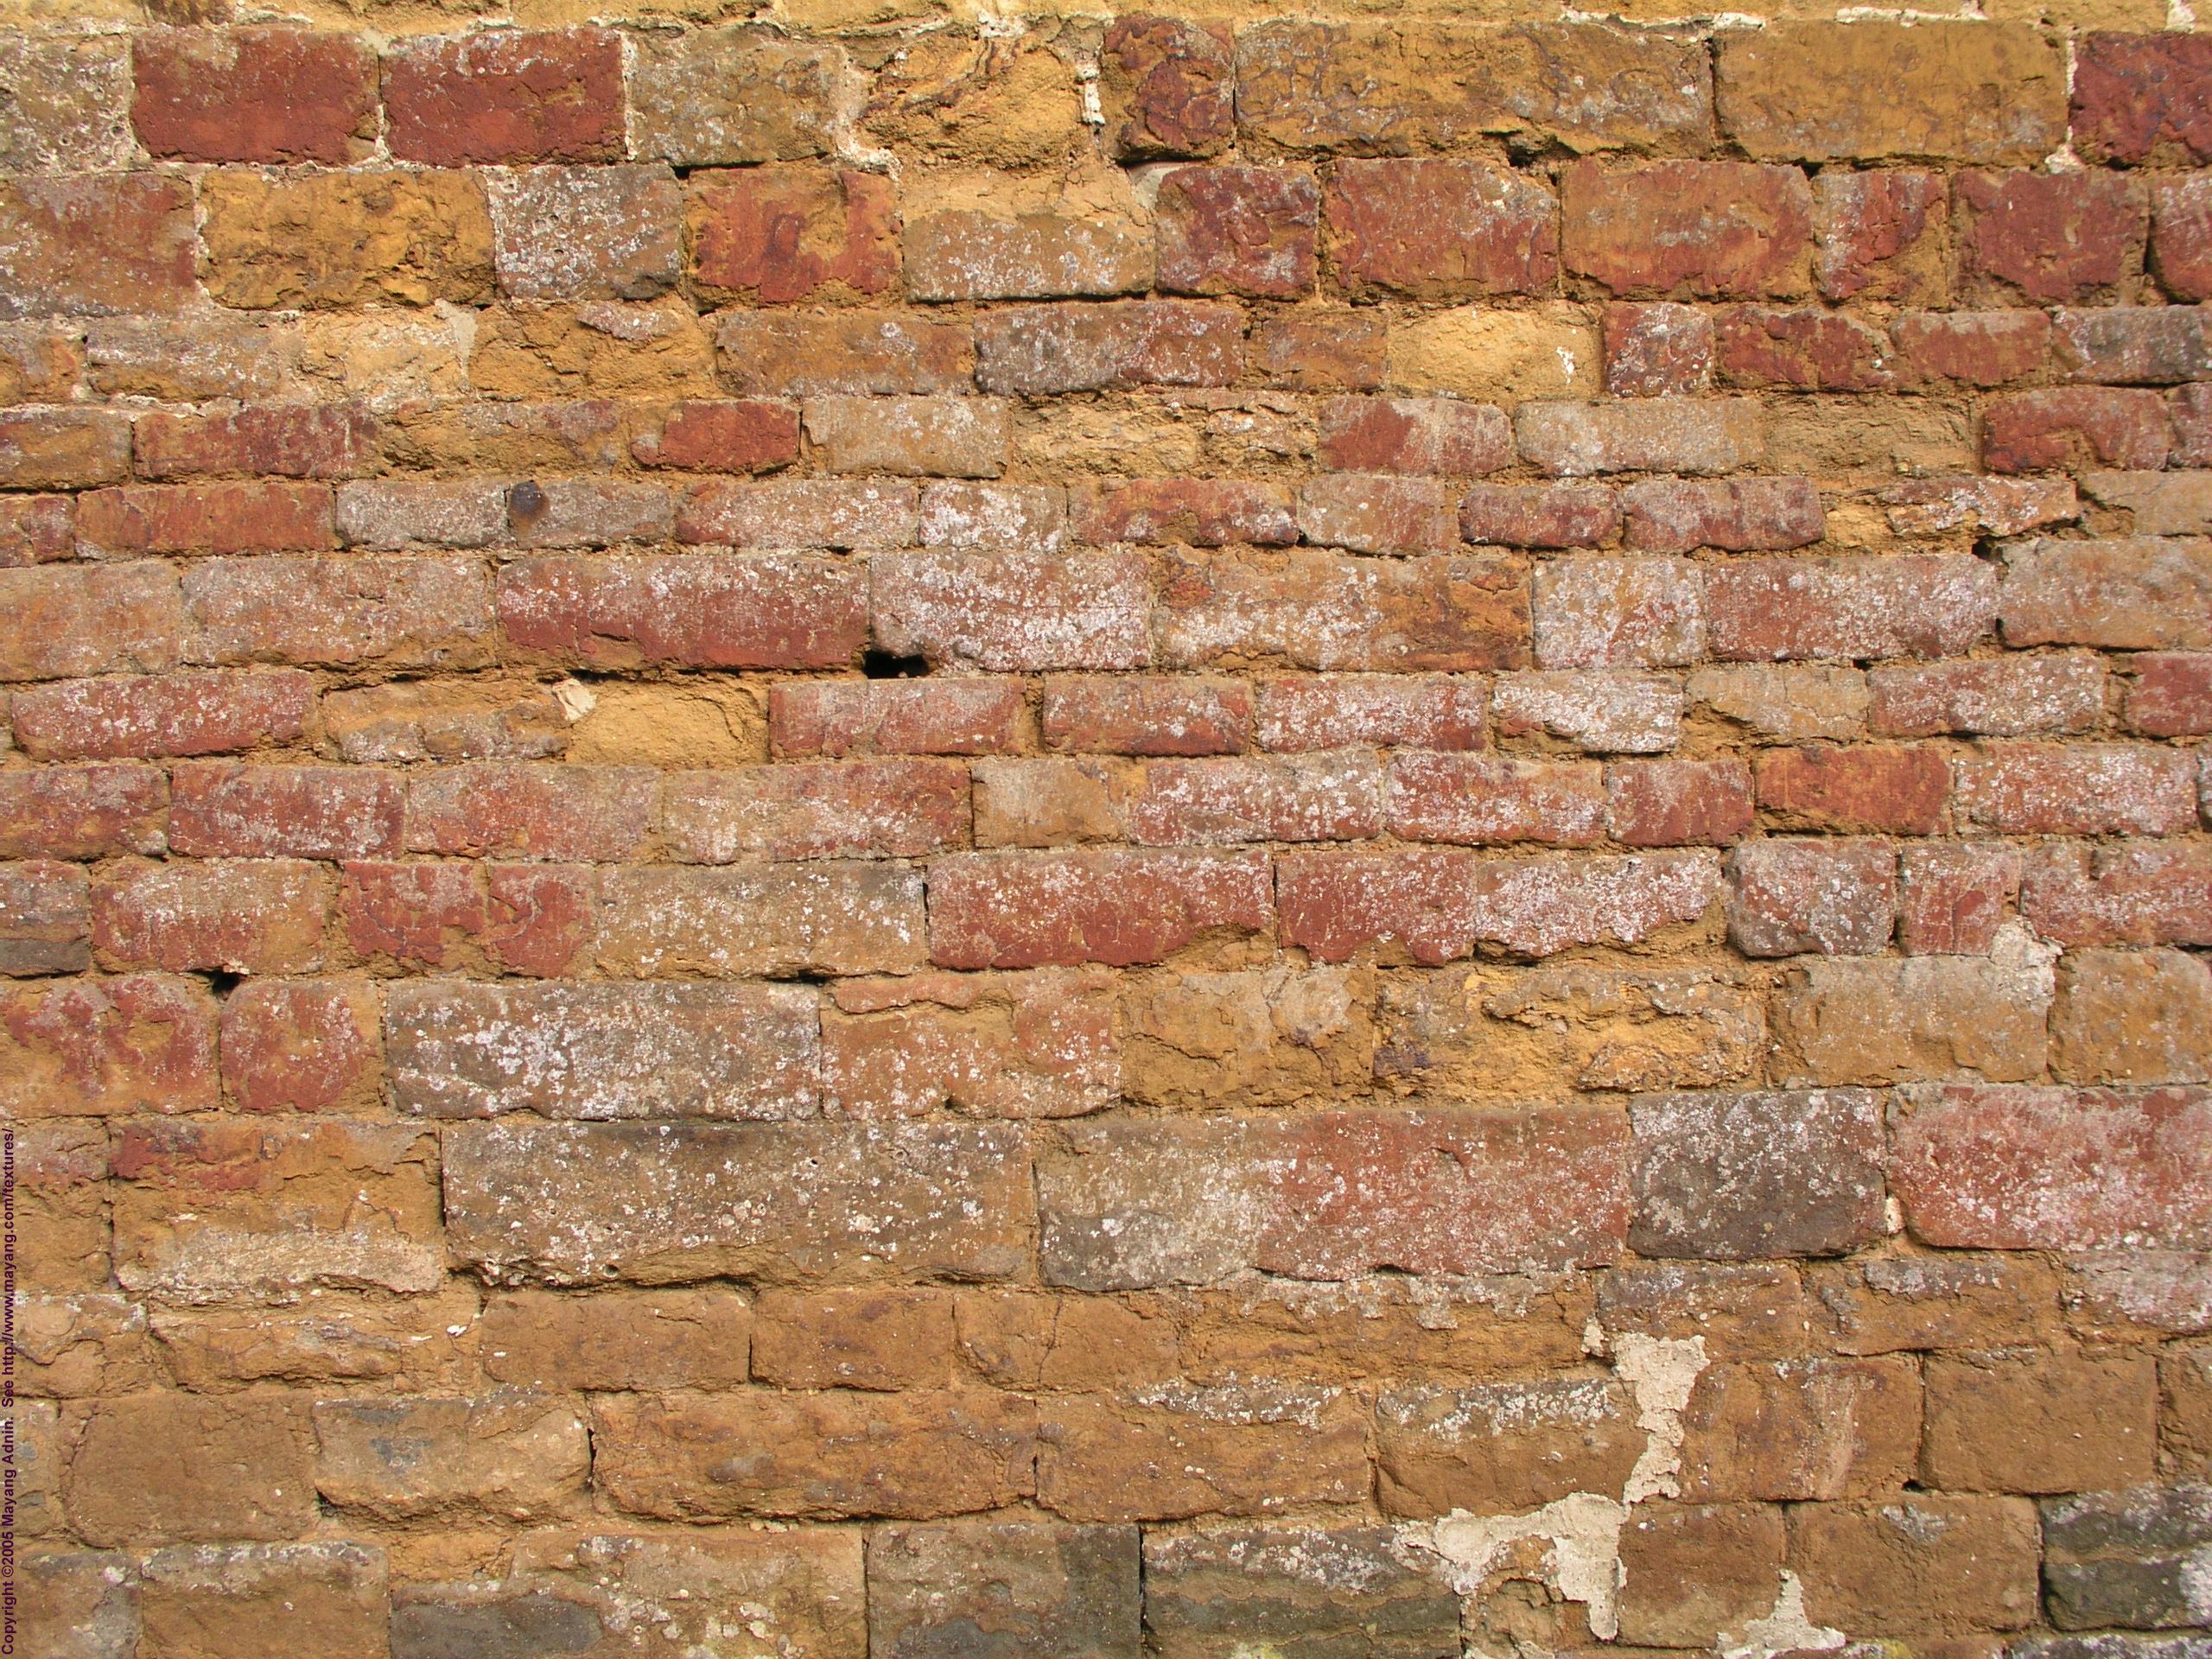 De d nde viene la frase ser m s feo que picio josa y sus cuentos - Piedra para forrar paredes ...